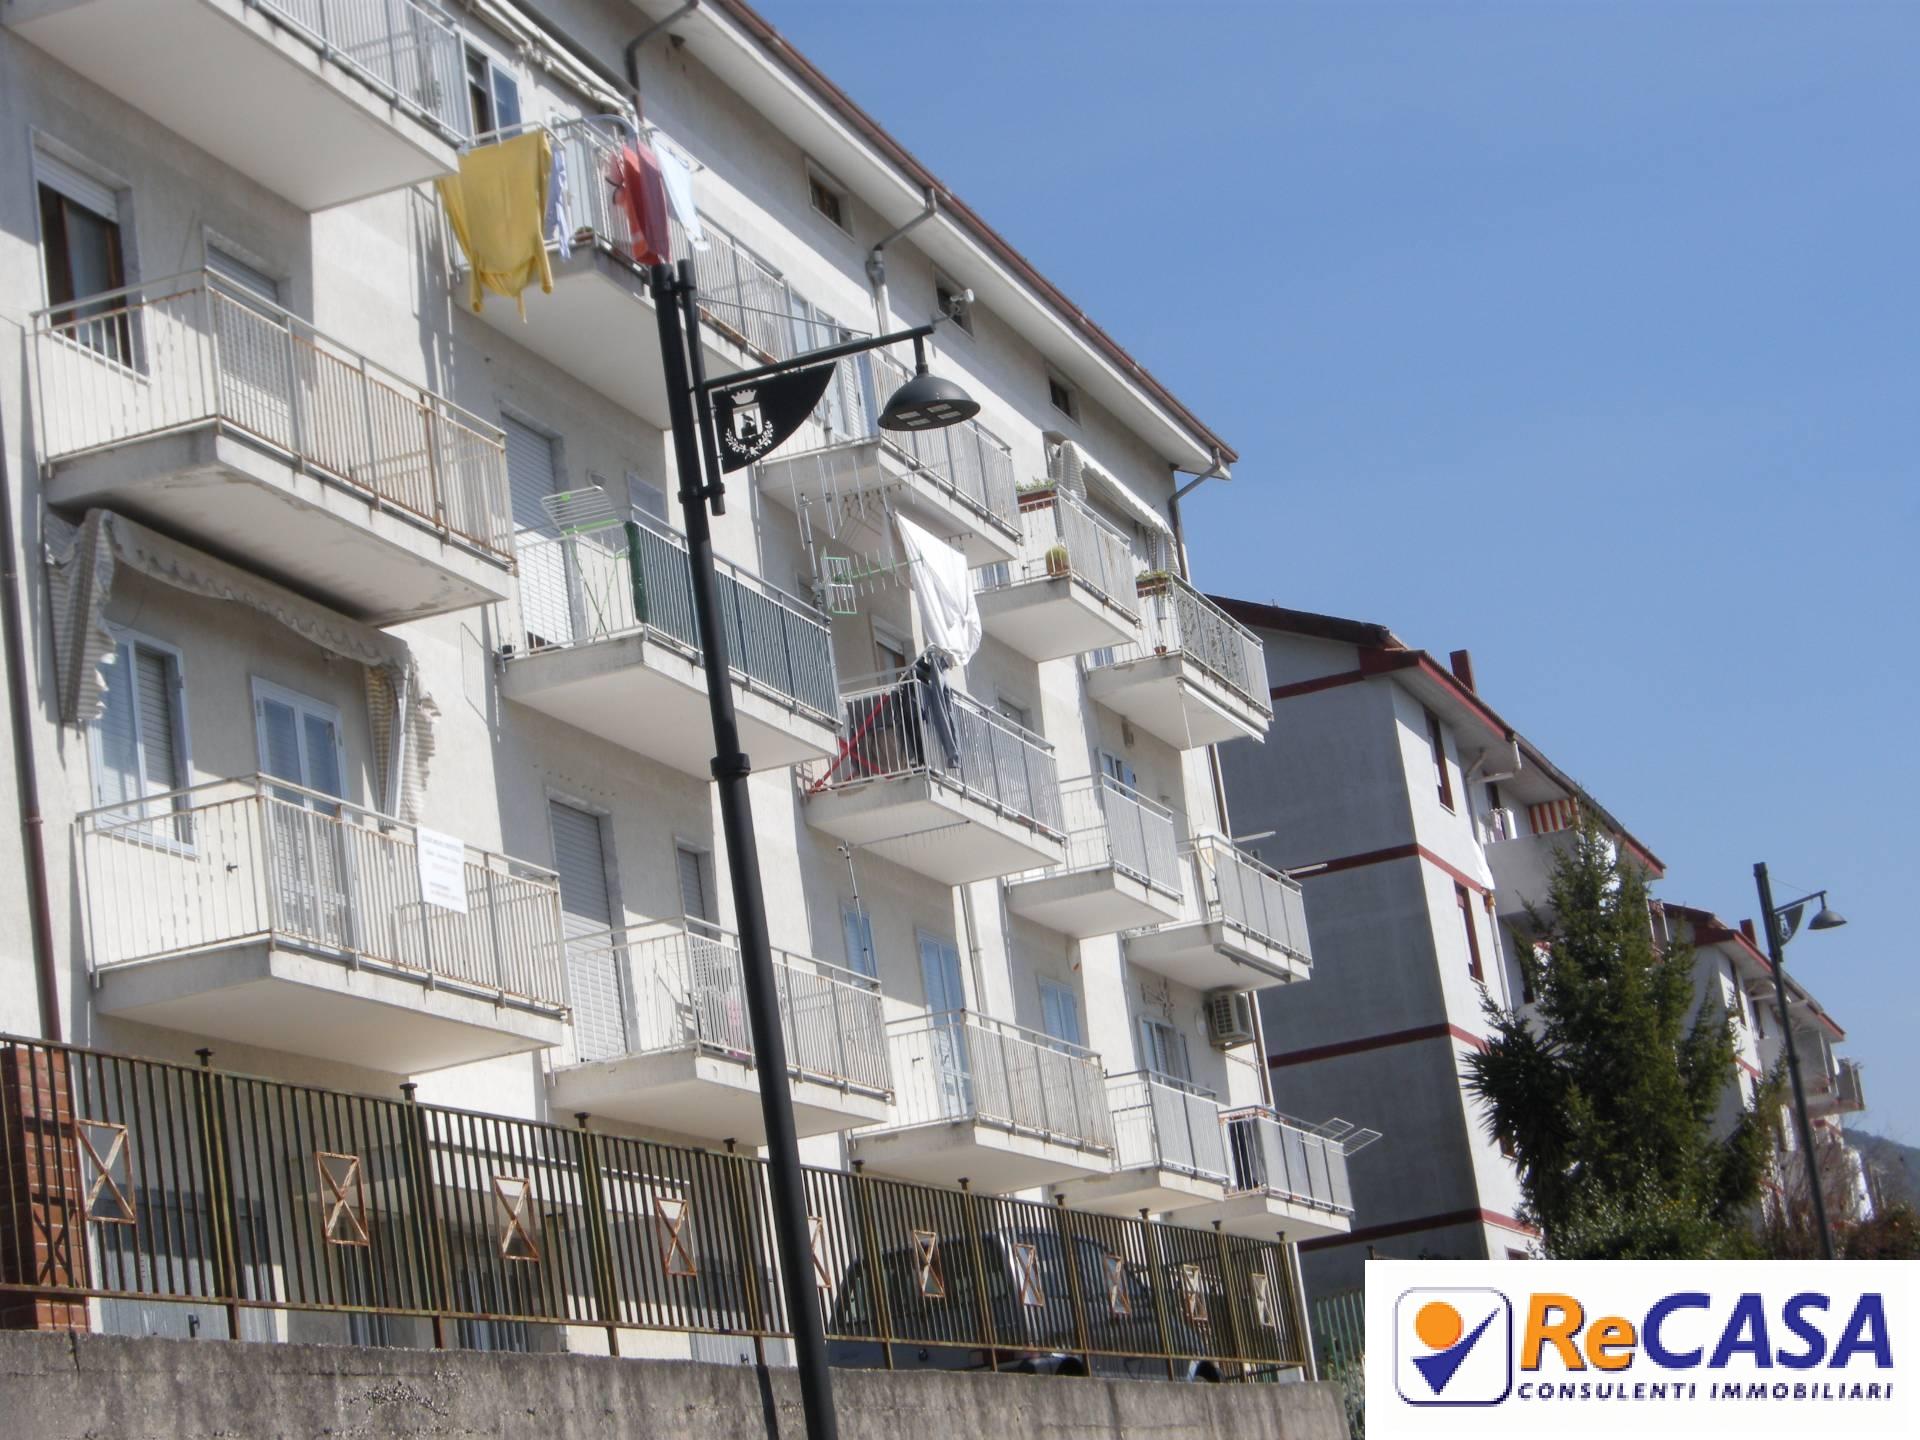 Appartamento in affitto a Montecorvino Pugliano, 2 locali, zona Località: Centro, prezzo € 350 | CambioCasa.it